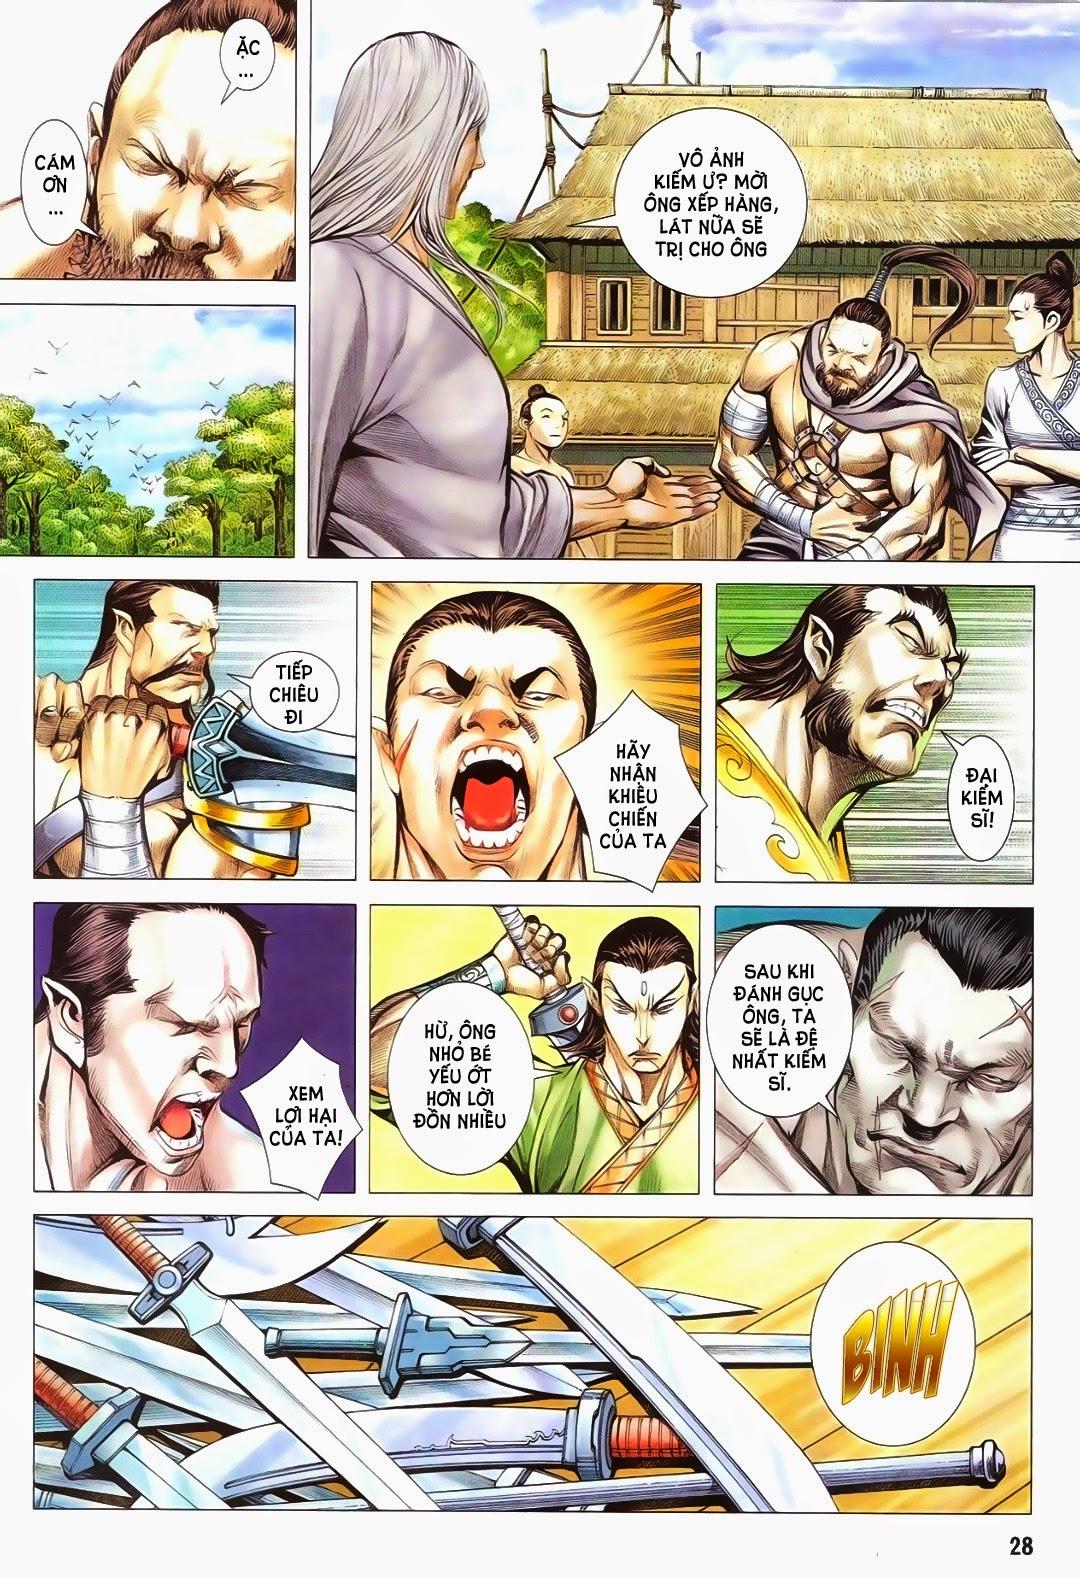 Phong Thần Ký chap 181 - Trang 26